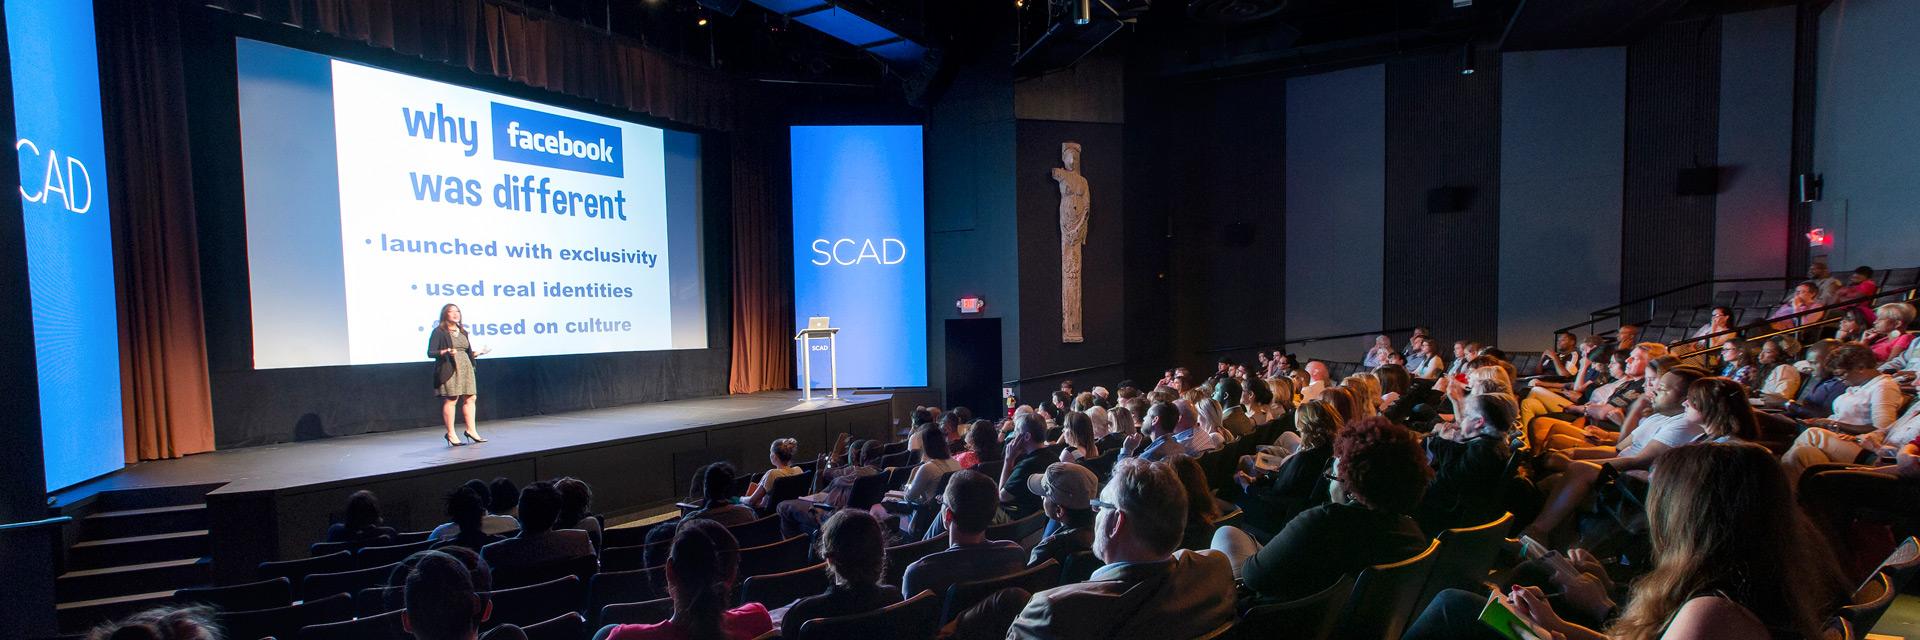 Randi Zuckerberg uncomplicates social innovation | SCAD.edu